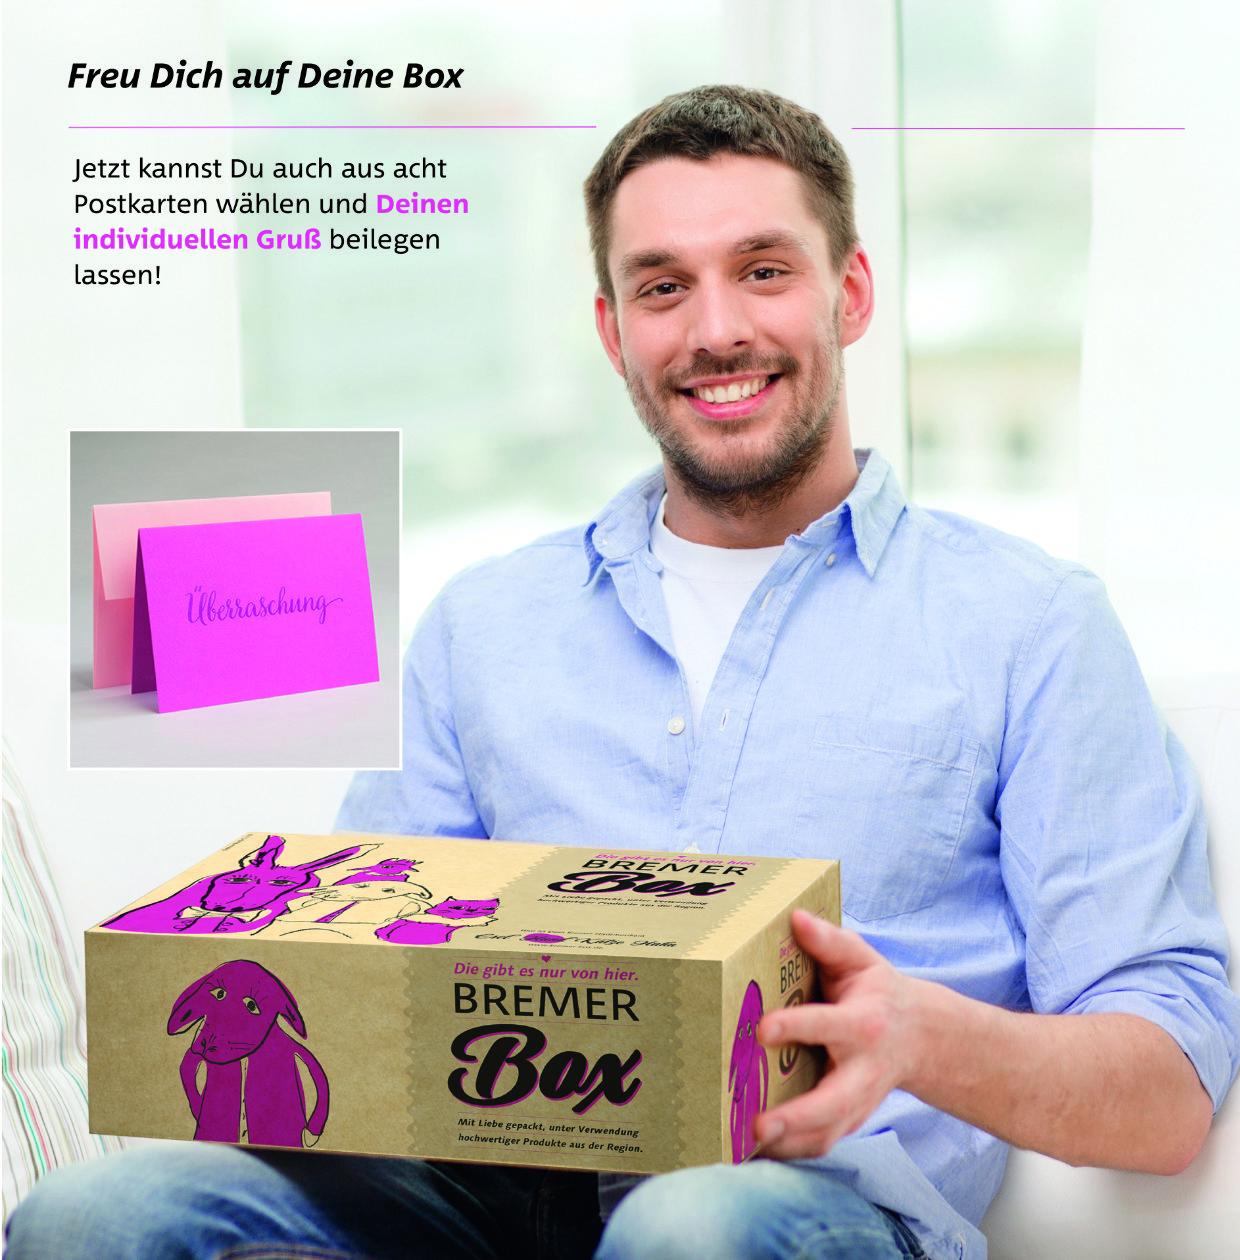 bremer-box-bremen-geschenke